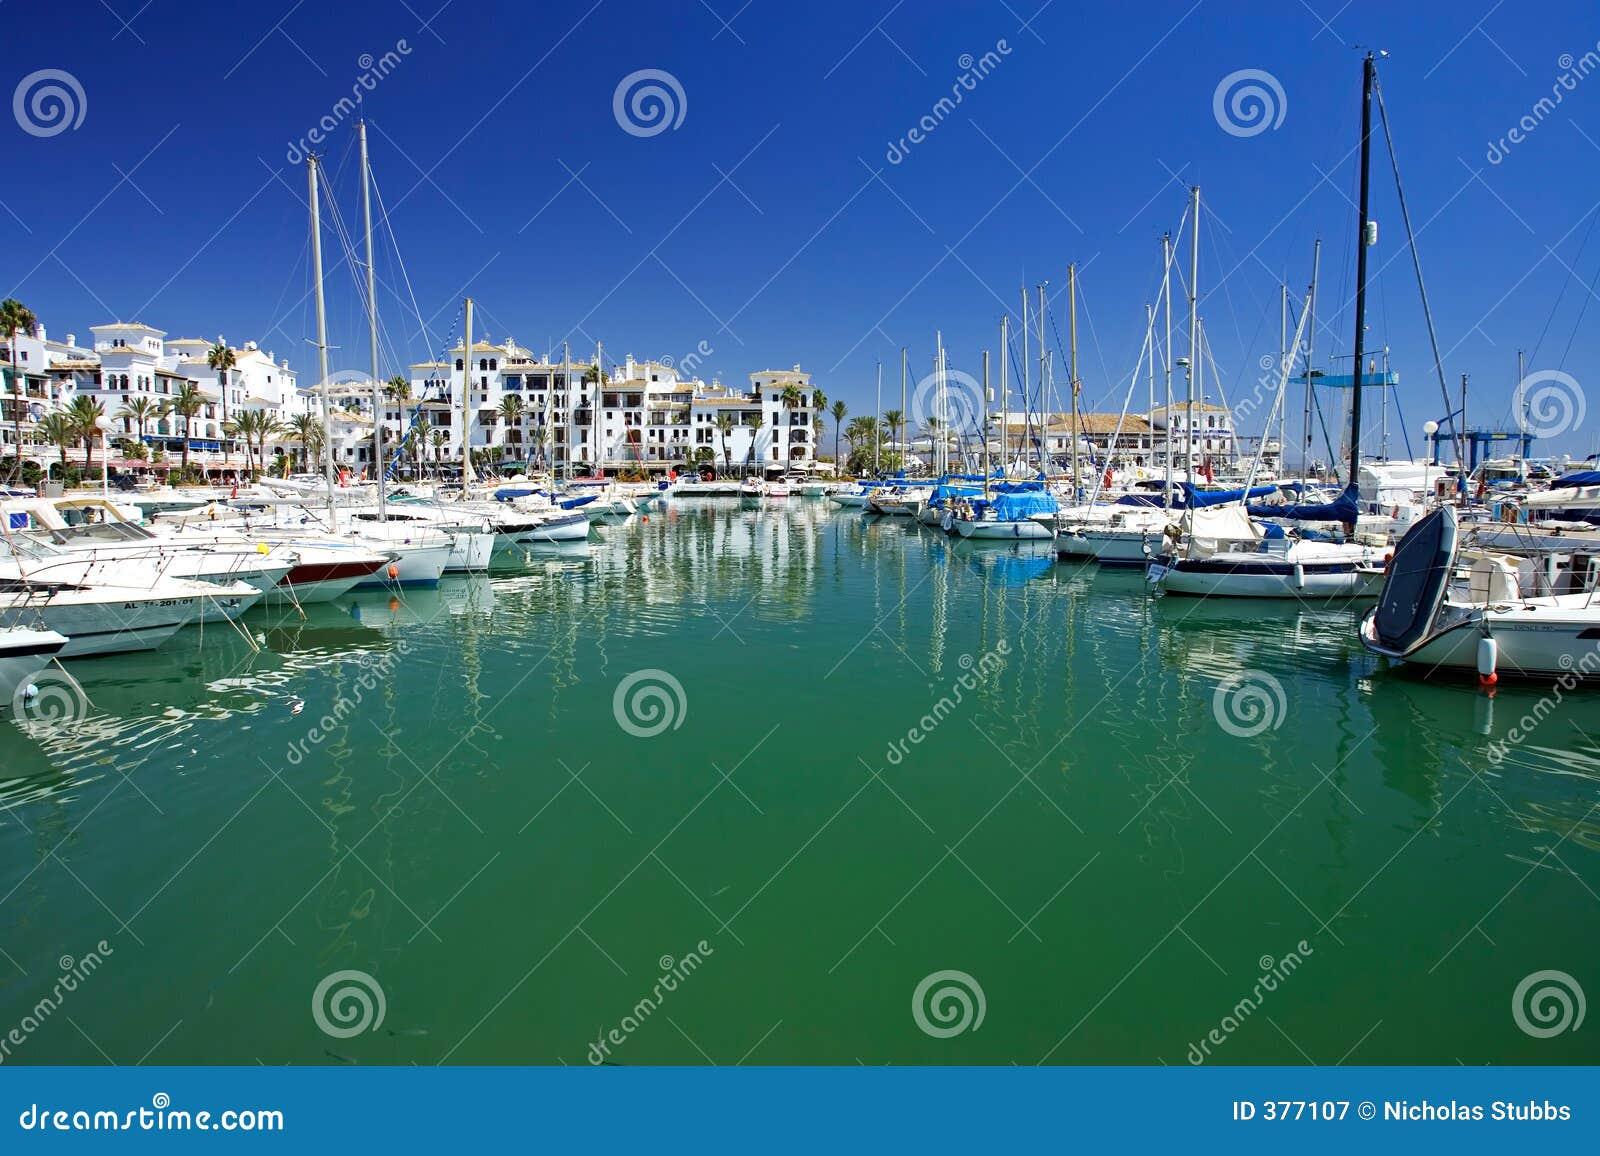 Boats costa de duquesa停泊了端口西班牙游艇